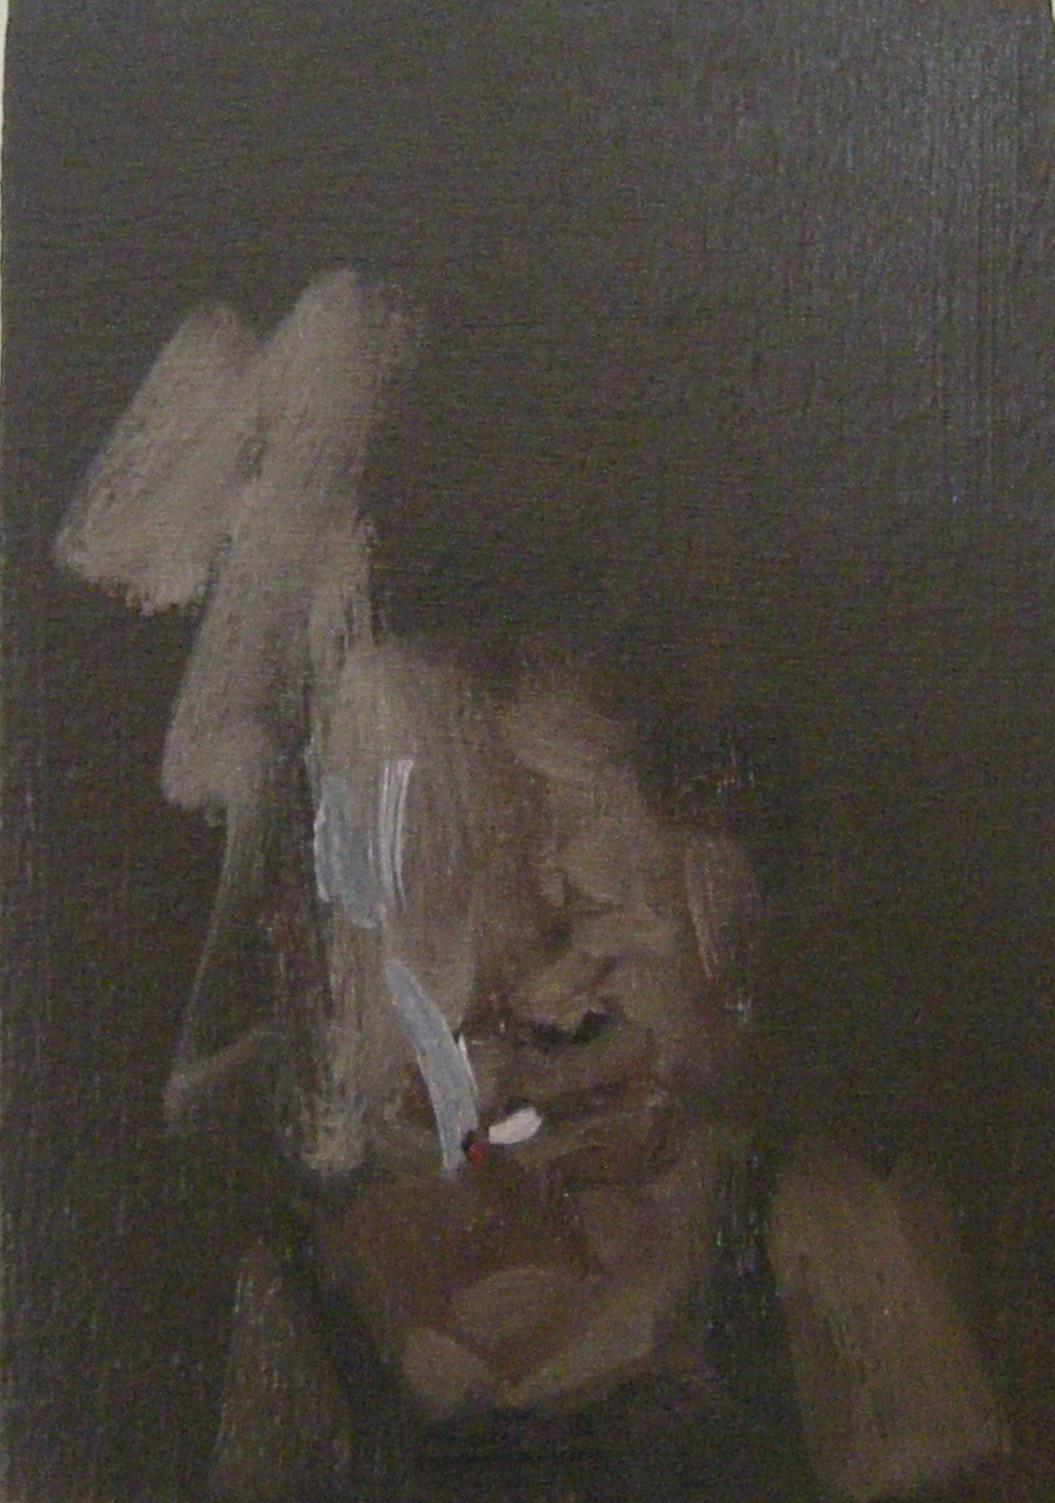 SmokinWoman Smoking, 2017, oil on wood, 3.5 x 5 inchesg